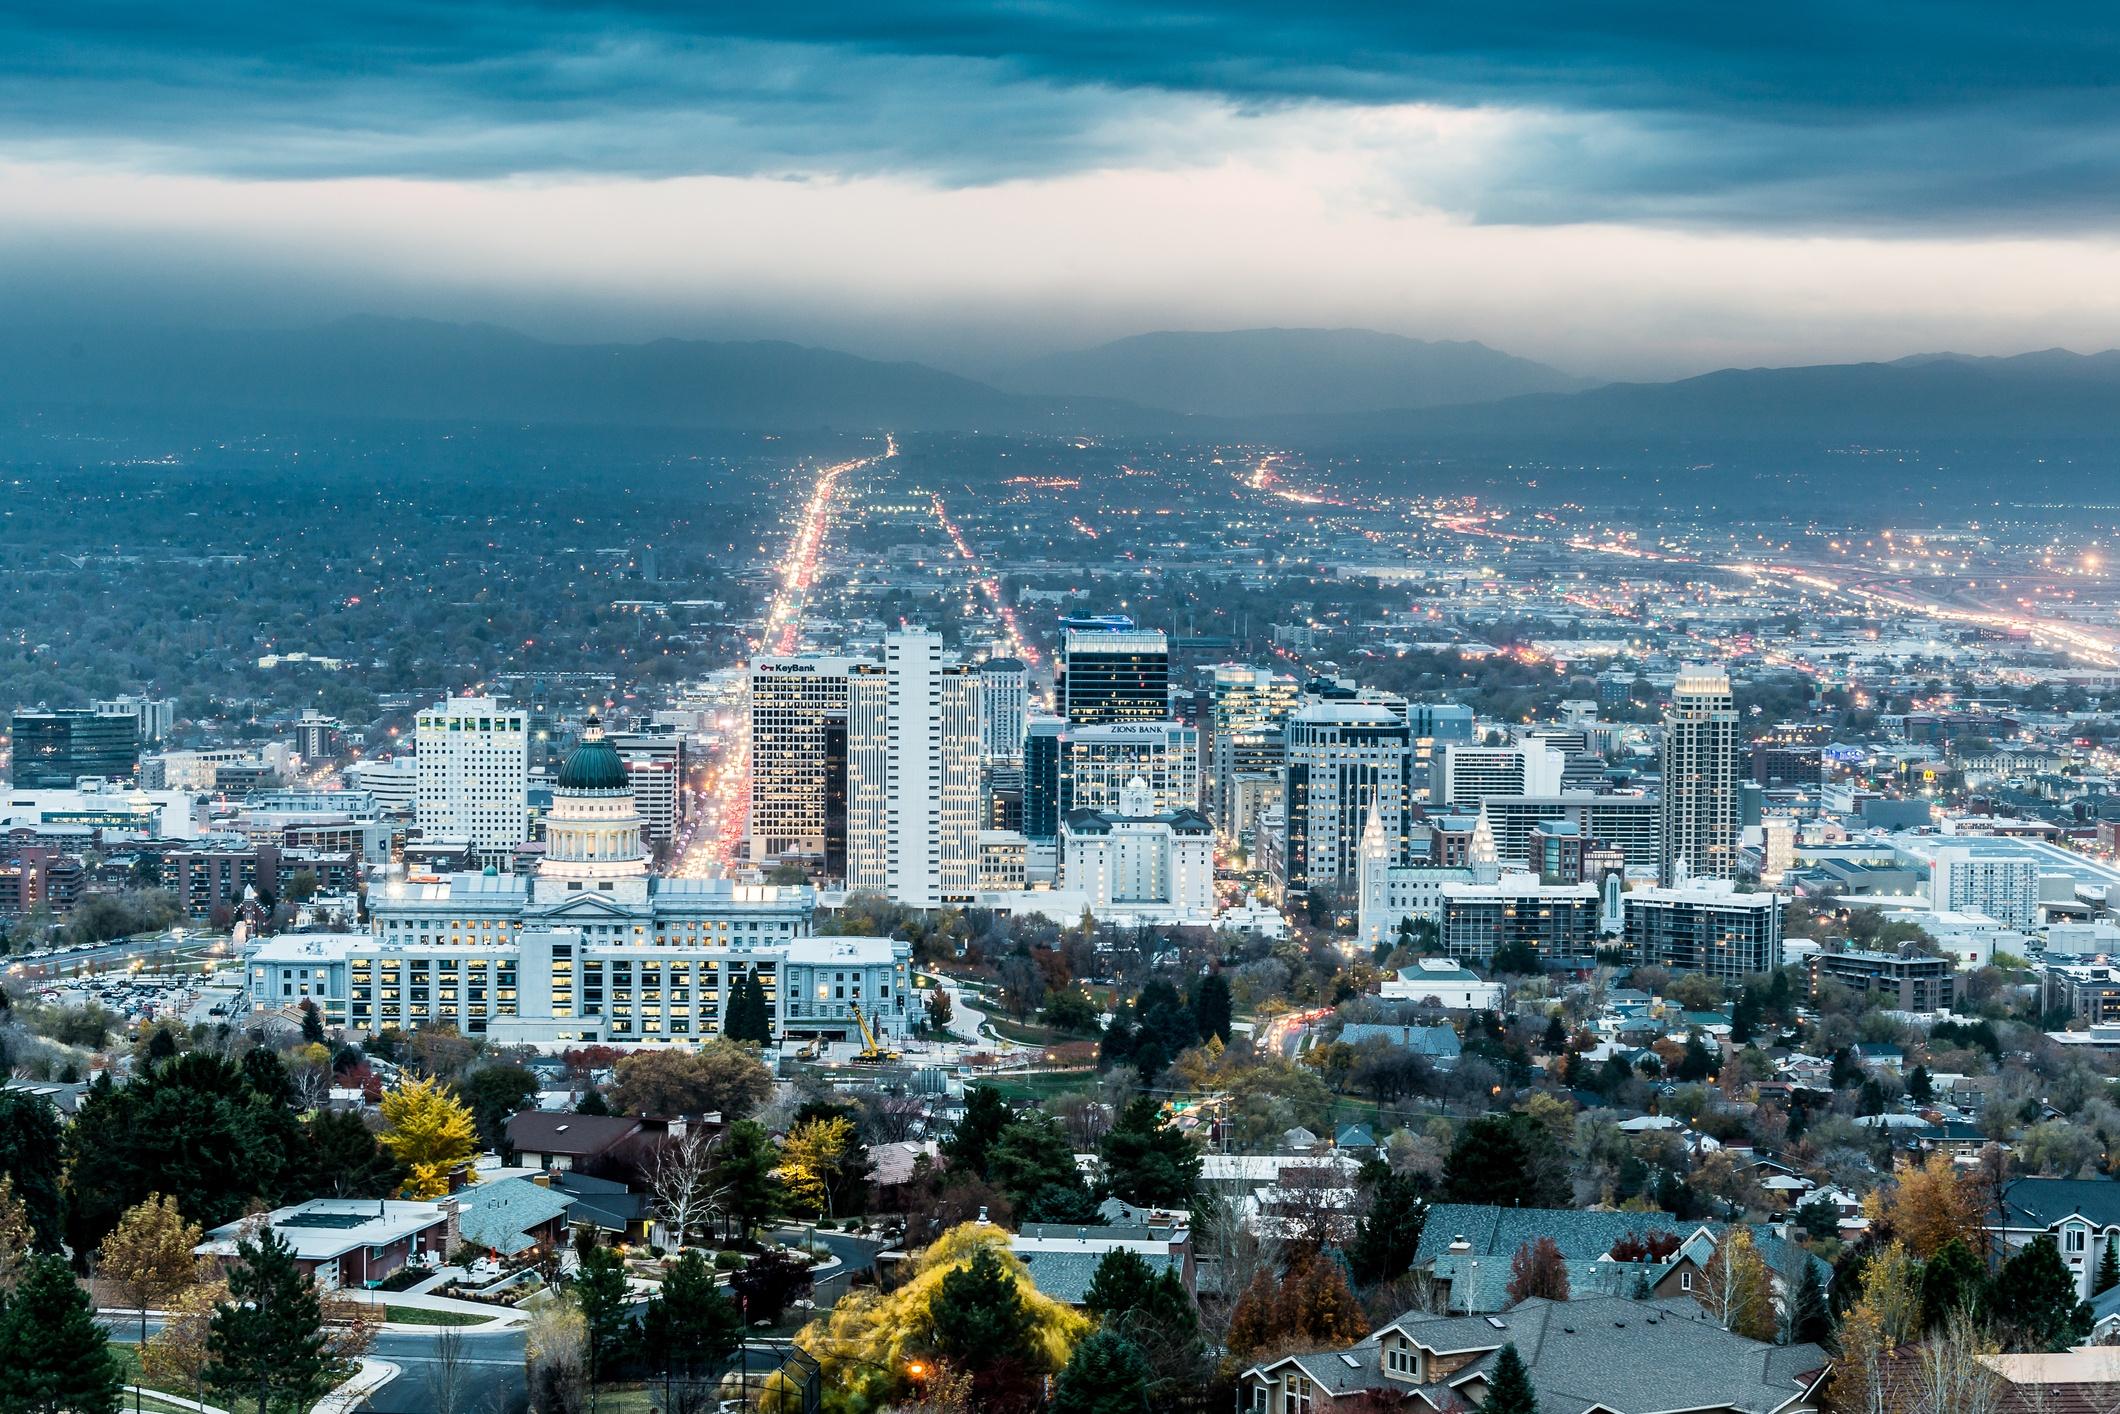 BIG Salt lake City - NACAC